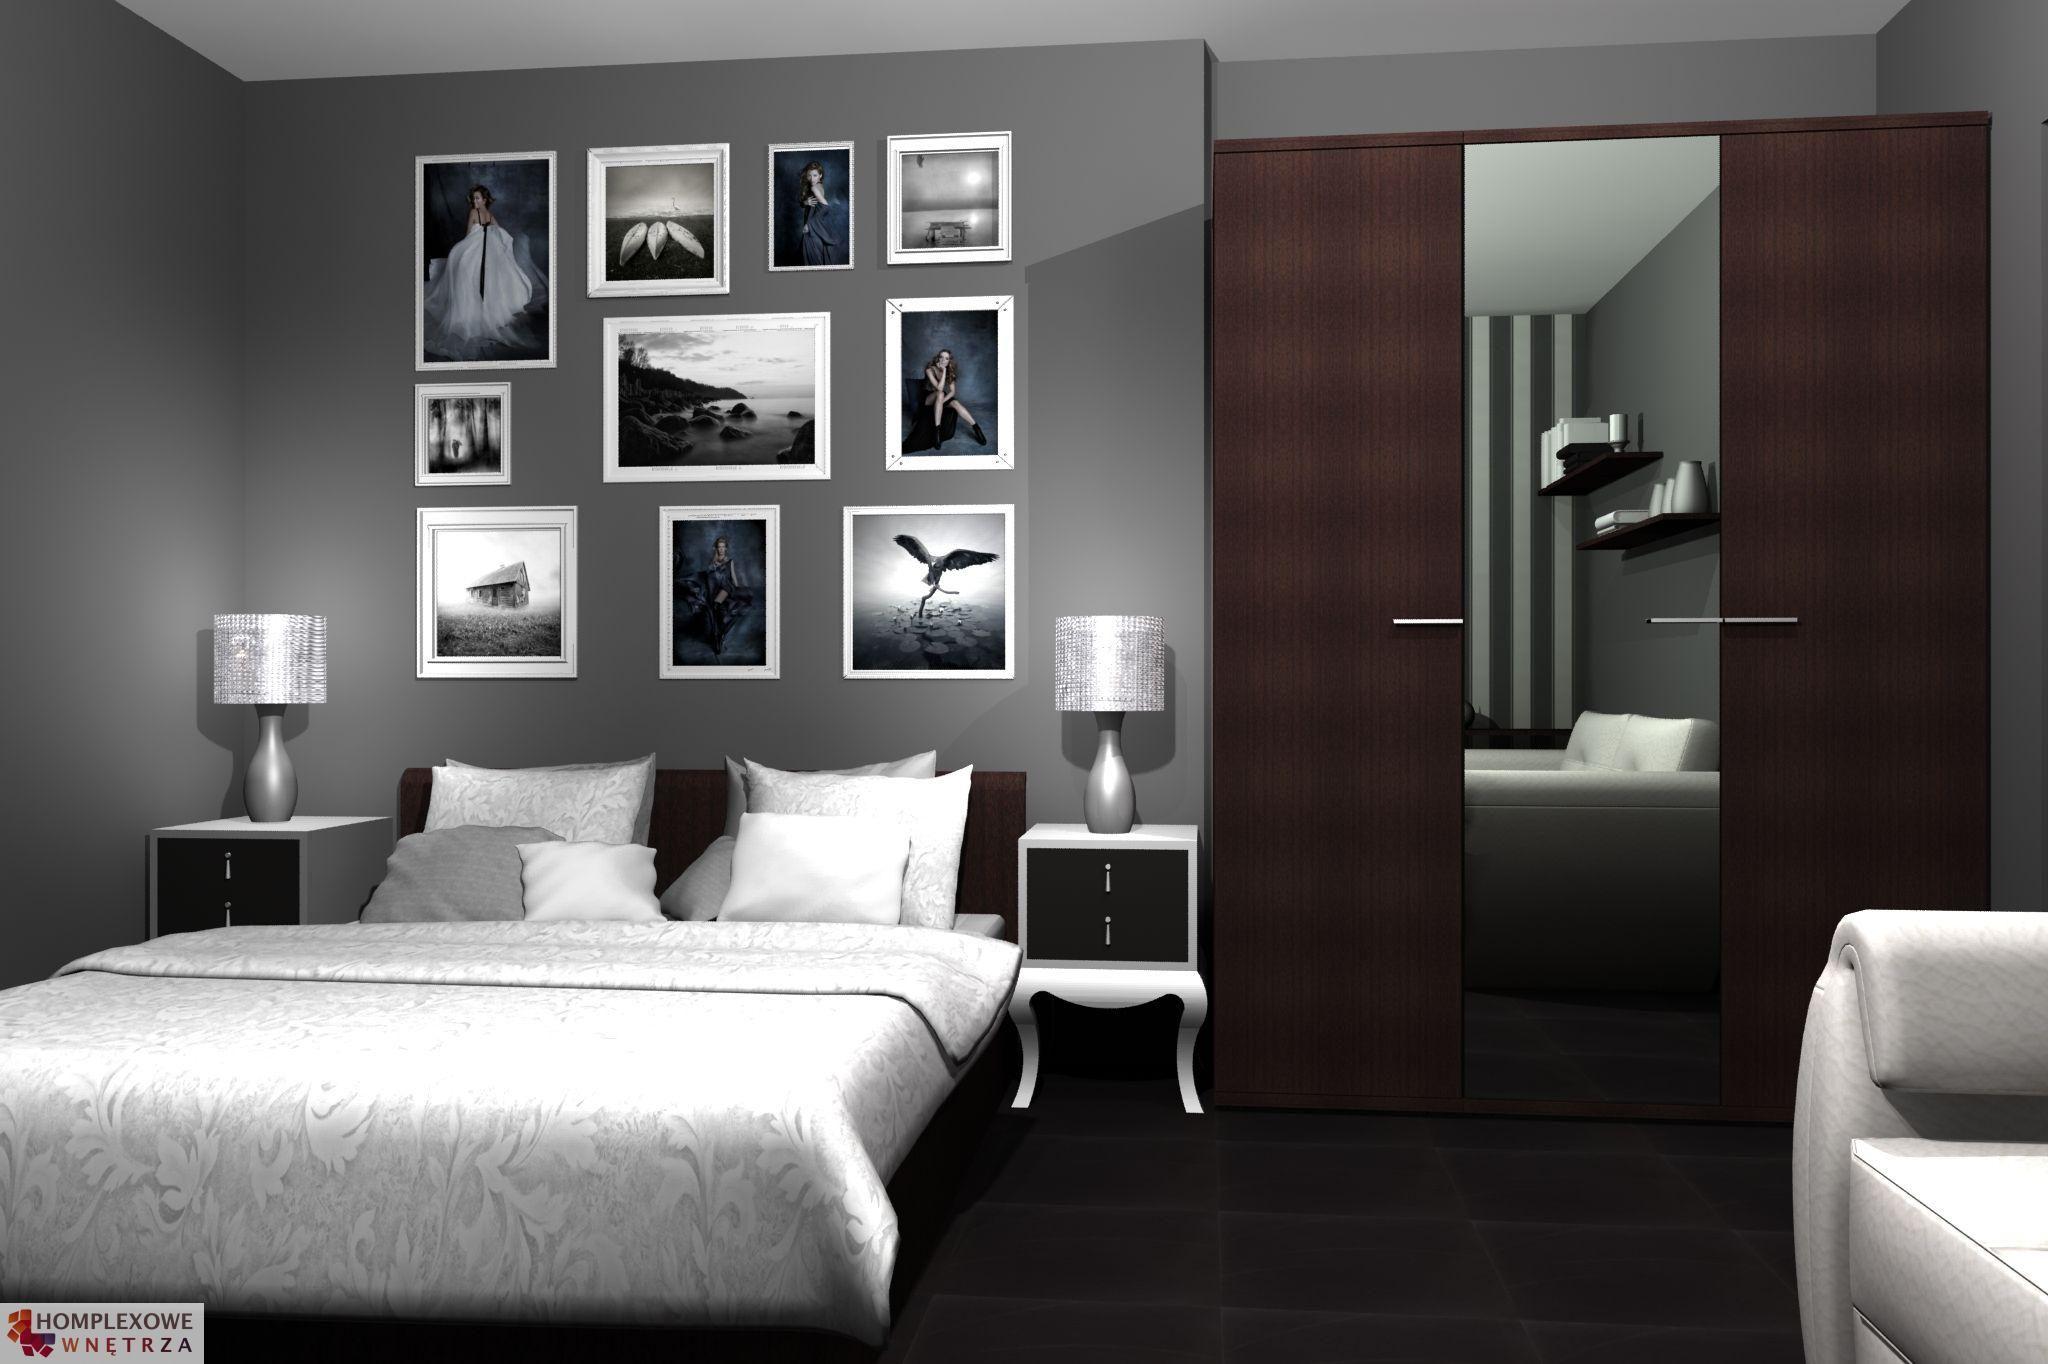 Aranżacja sypialni wystrój klasyczny, nowoczesny w kolorach biały, czarny, szary - projekt ...